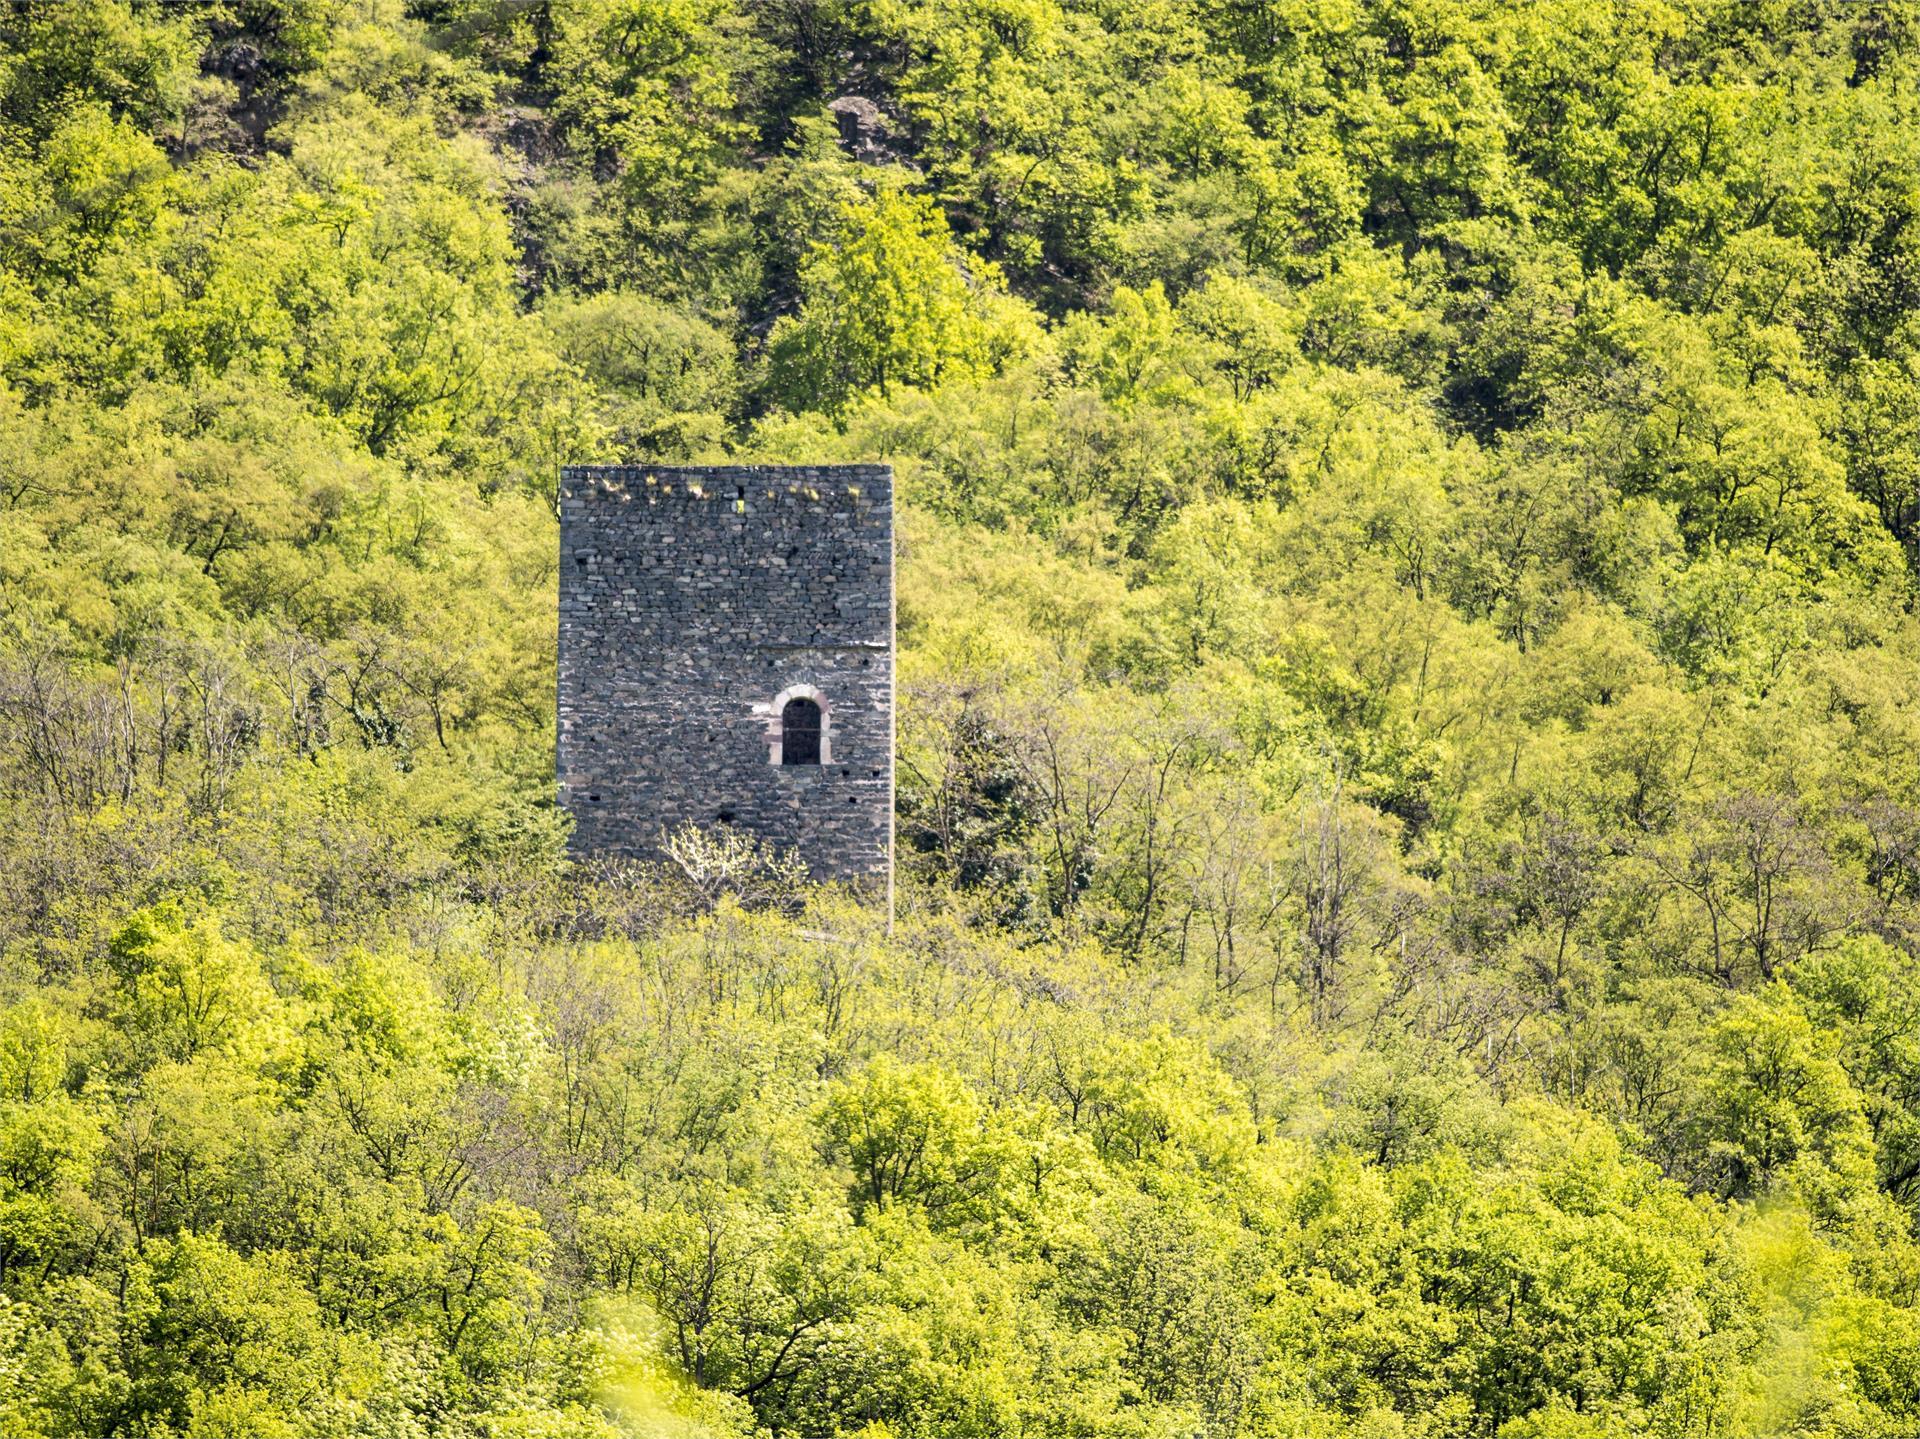 Gargazon - Kröllturmrunde